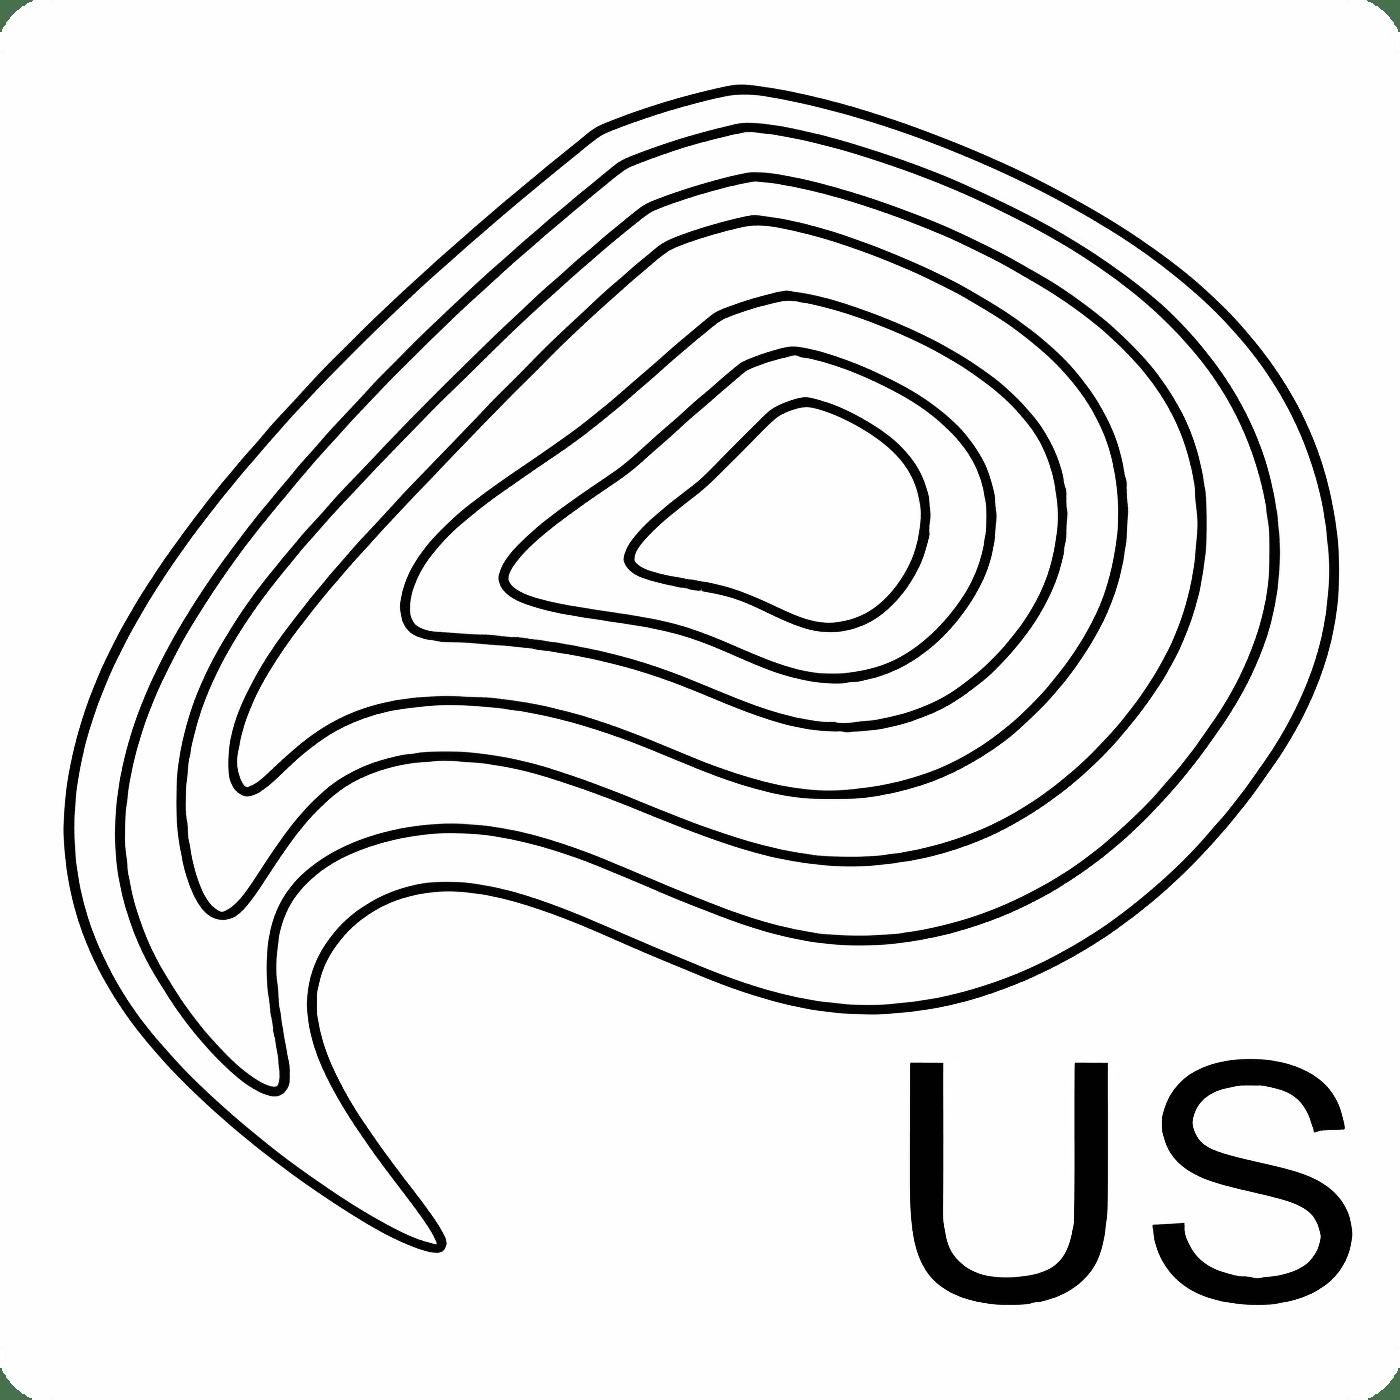 Topos US 1.5